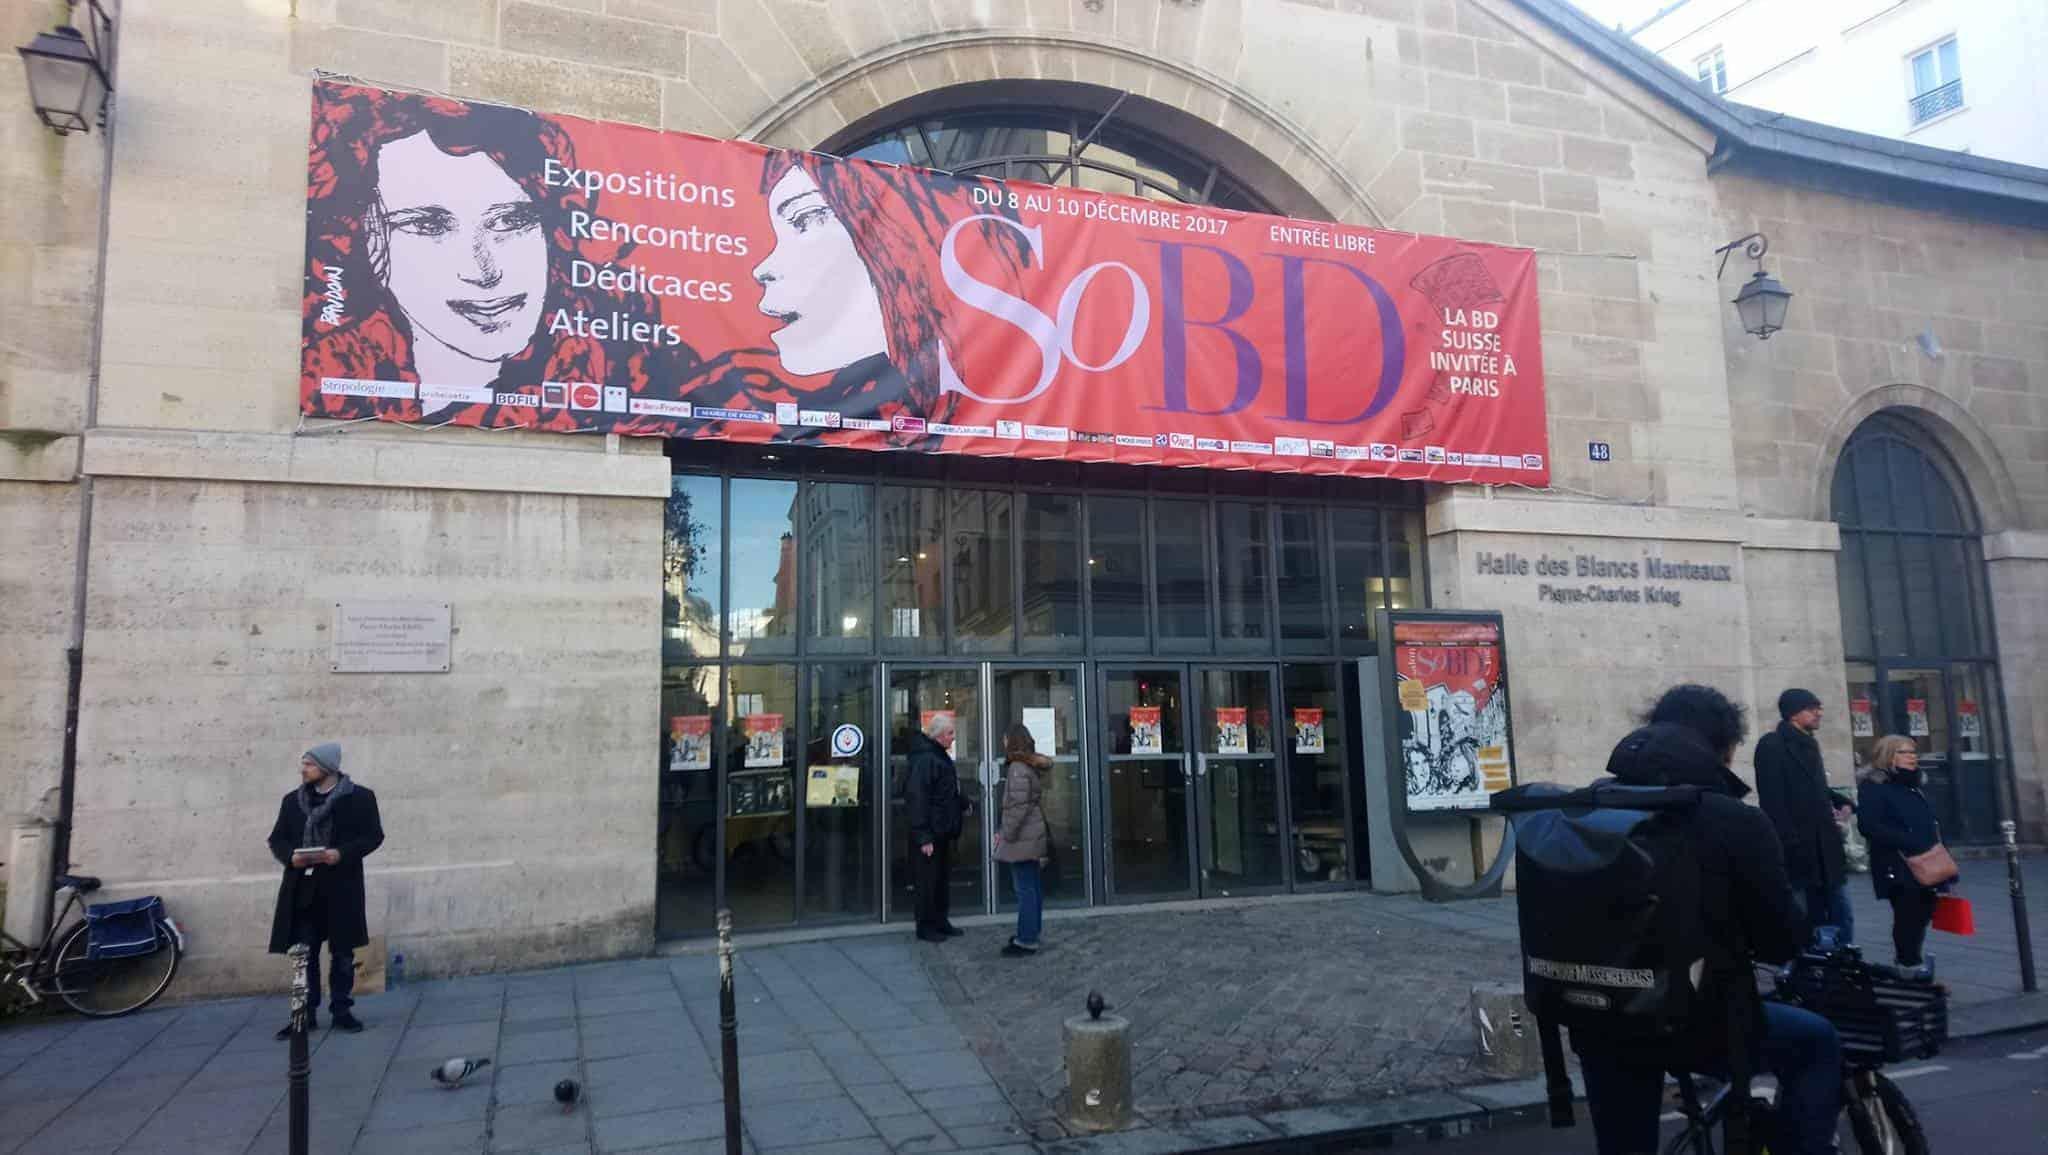 Salon BD Paris Entrance